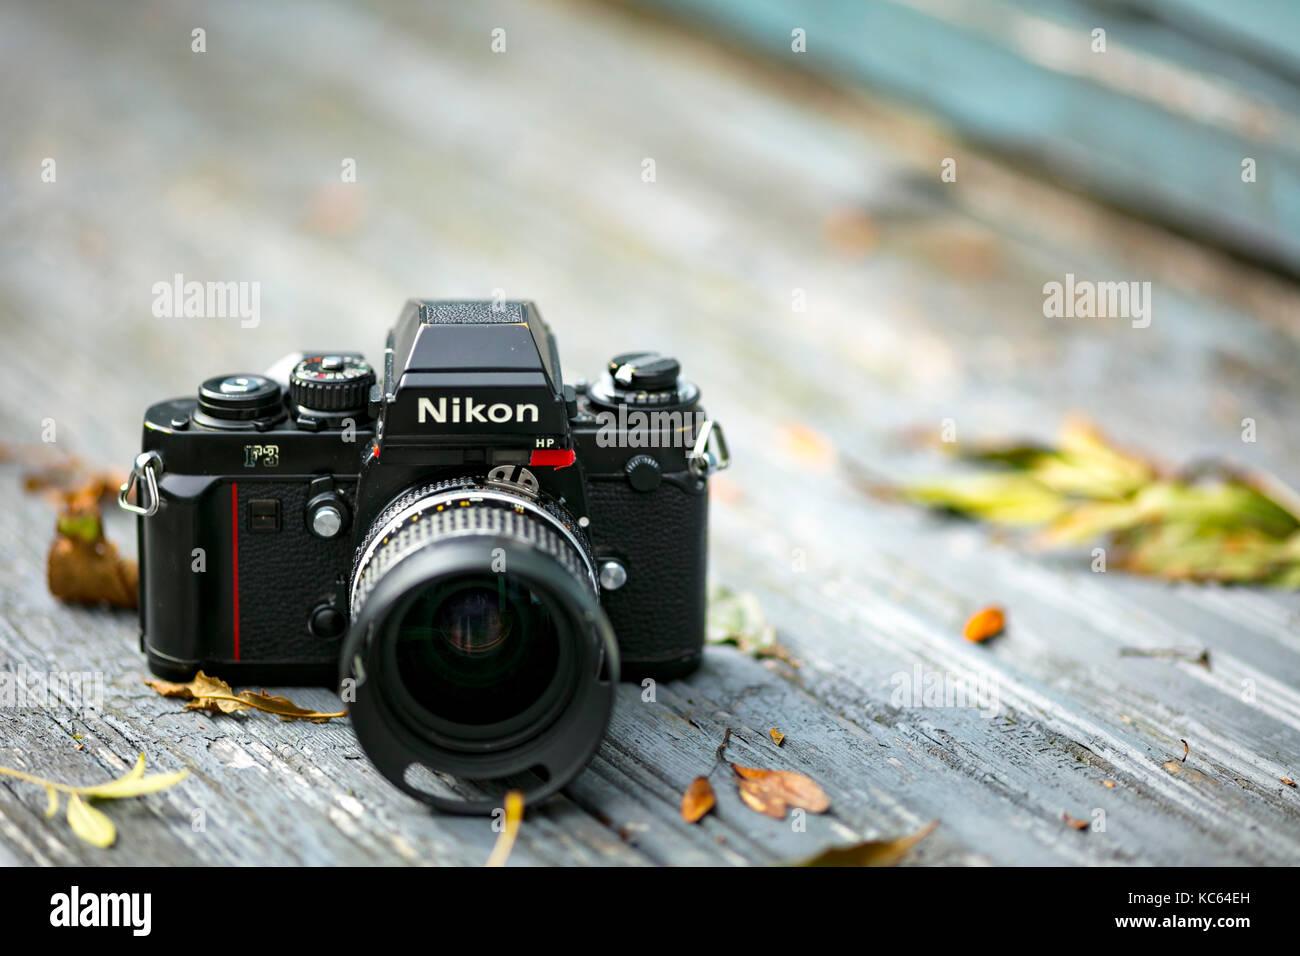 Nikon F3 reflex a lente singola 35mm Pellicola professionale fotocamera, lanciata per la prima volta nel 1980 e Immagini Stock